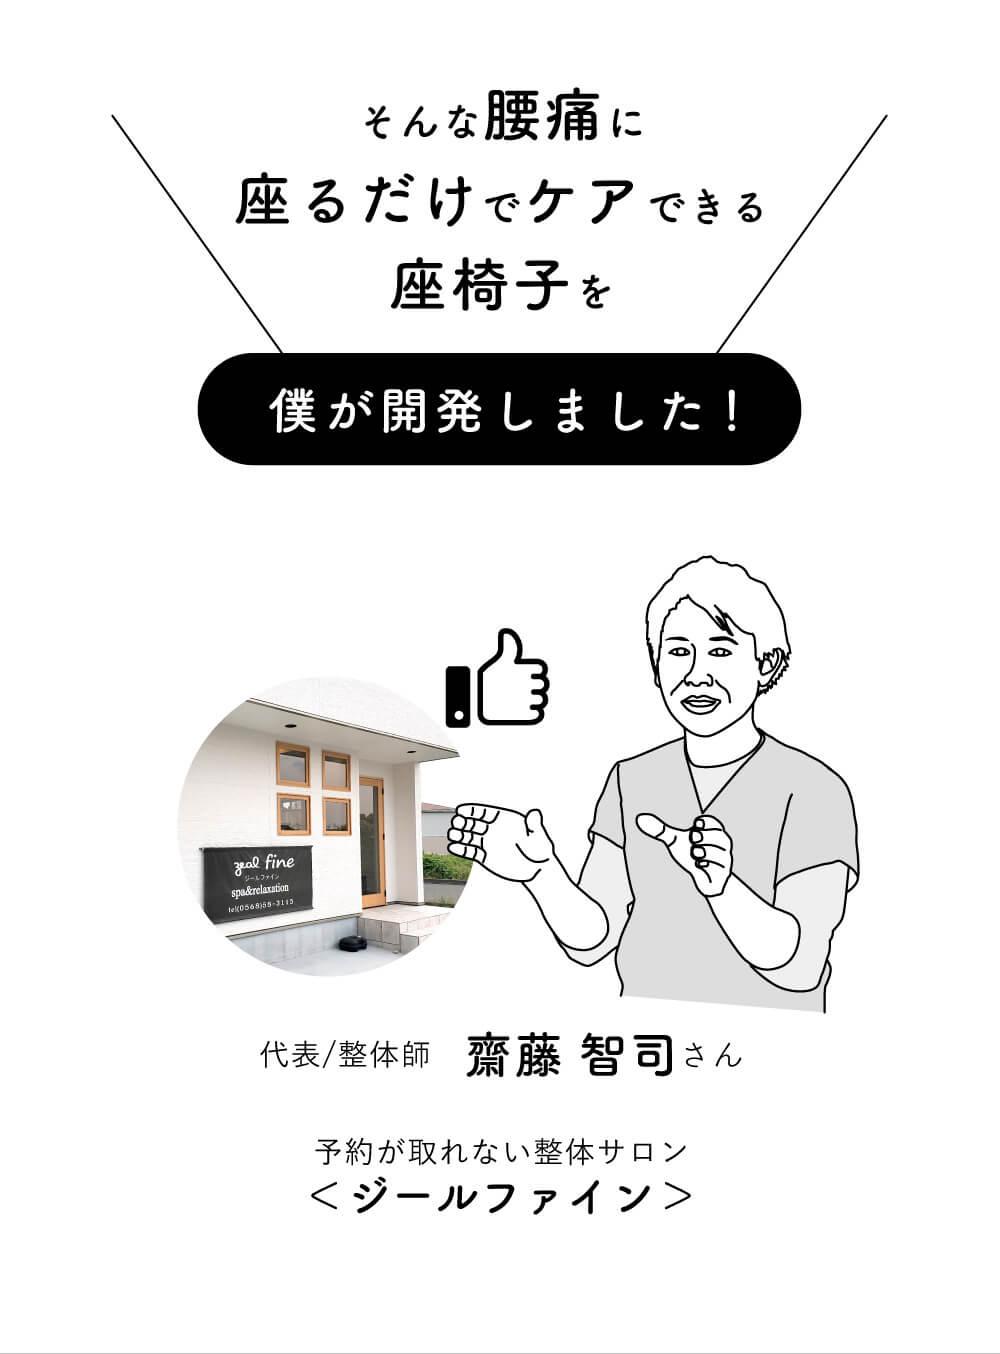 そんな腰痛に座るだけでケアできる座椅子を、予約が取れない整体サロン ジールファイン代表の整体師 齋藤智司さんが開発しました!